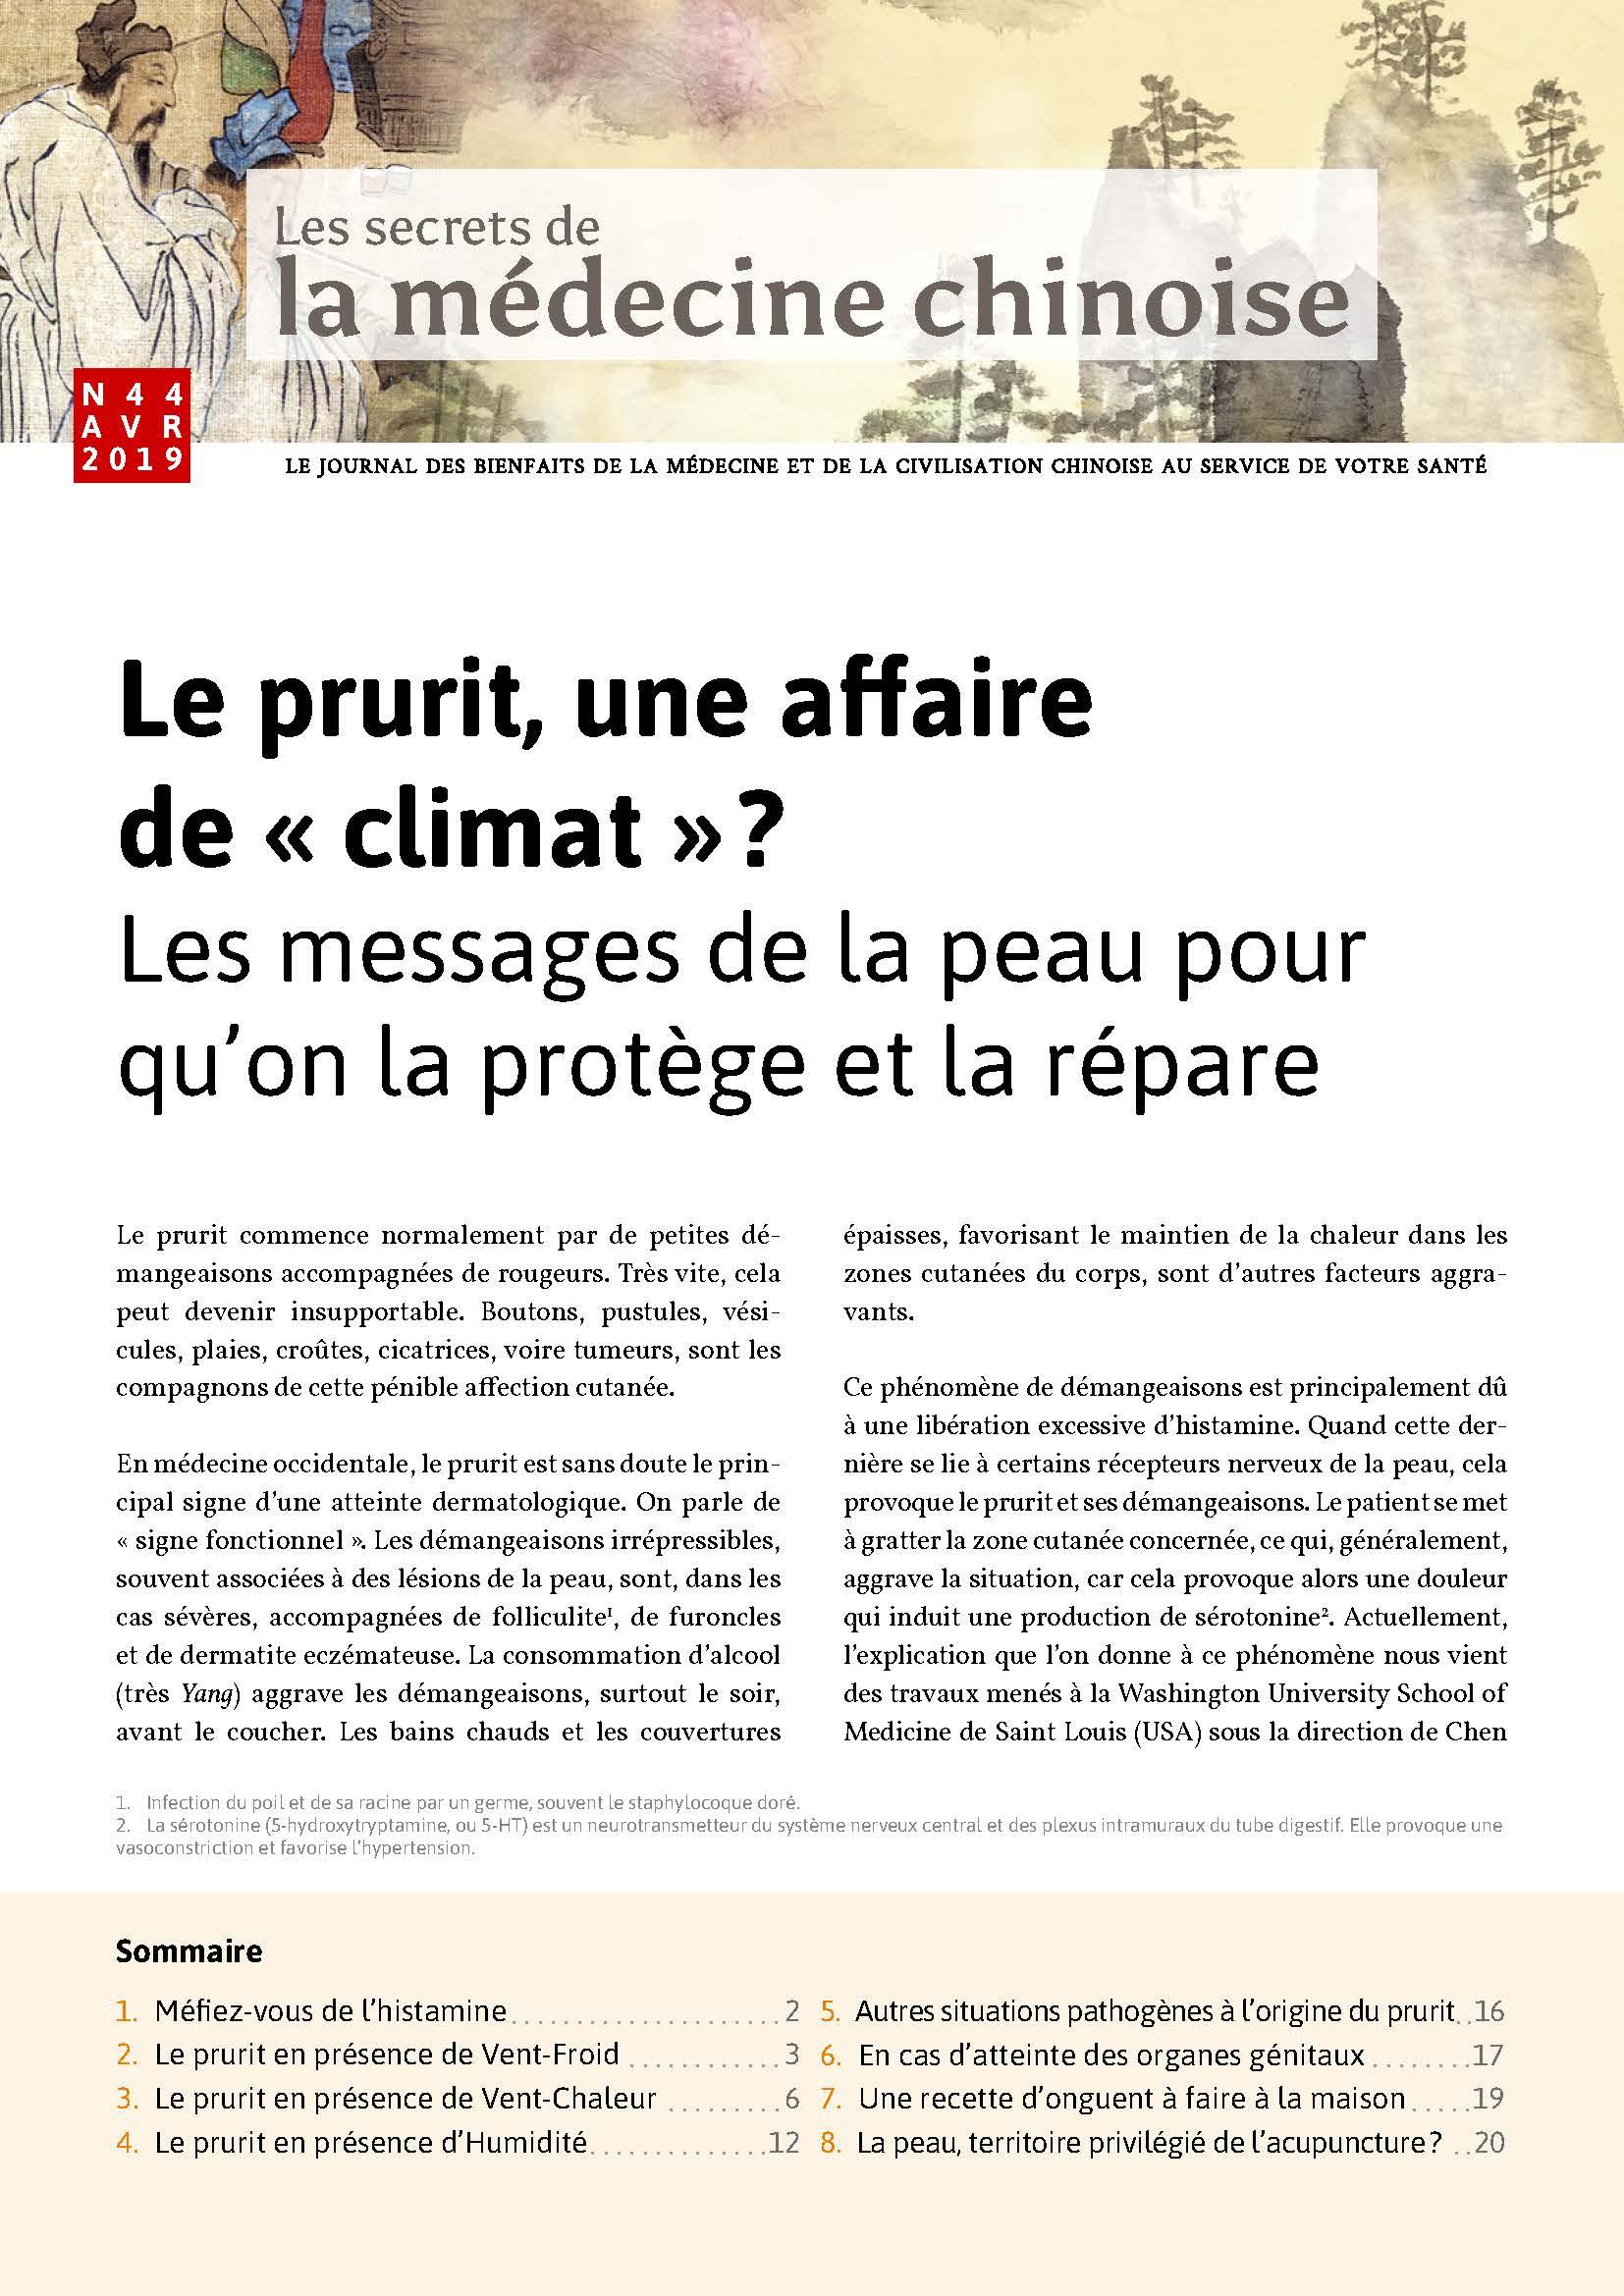 44-Avril-2019-Le-prurit-une-affaire-de-climat-